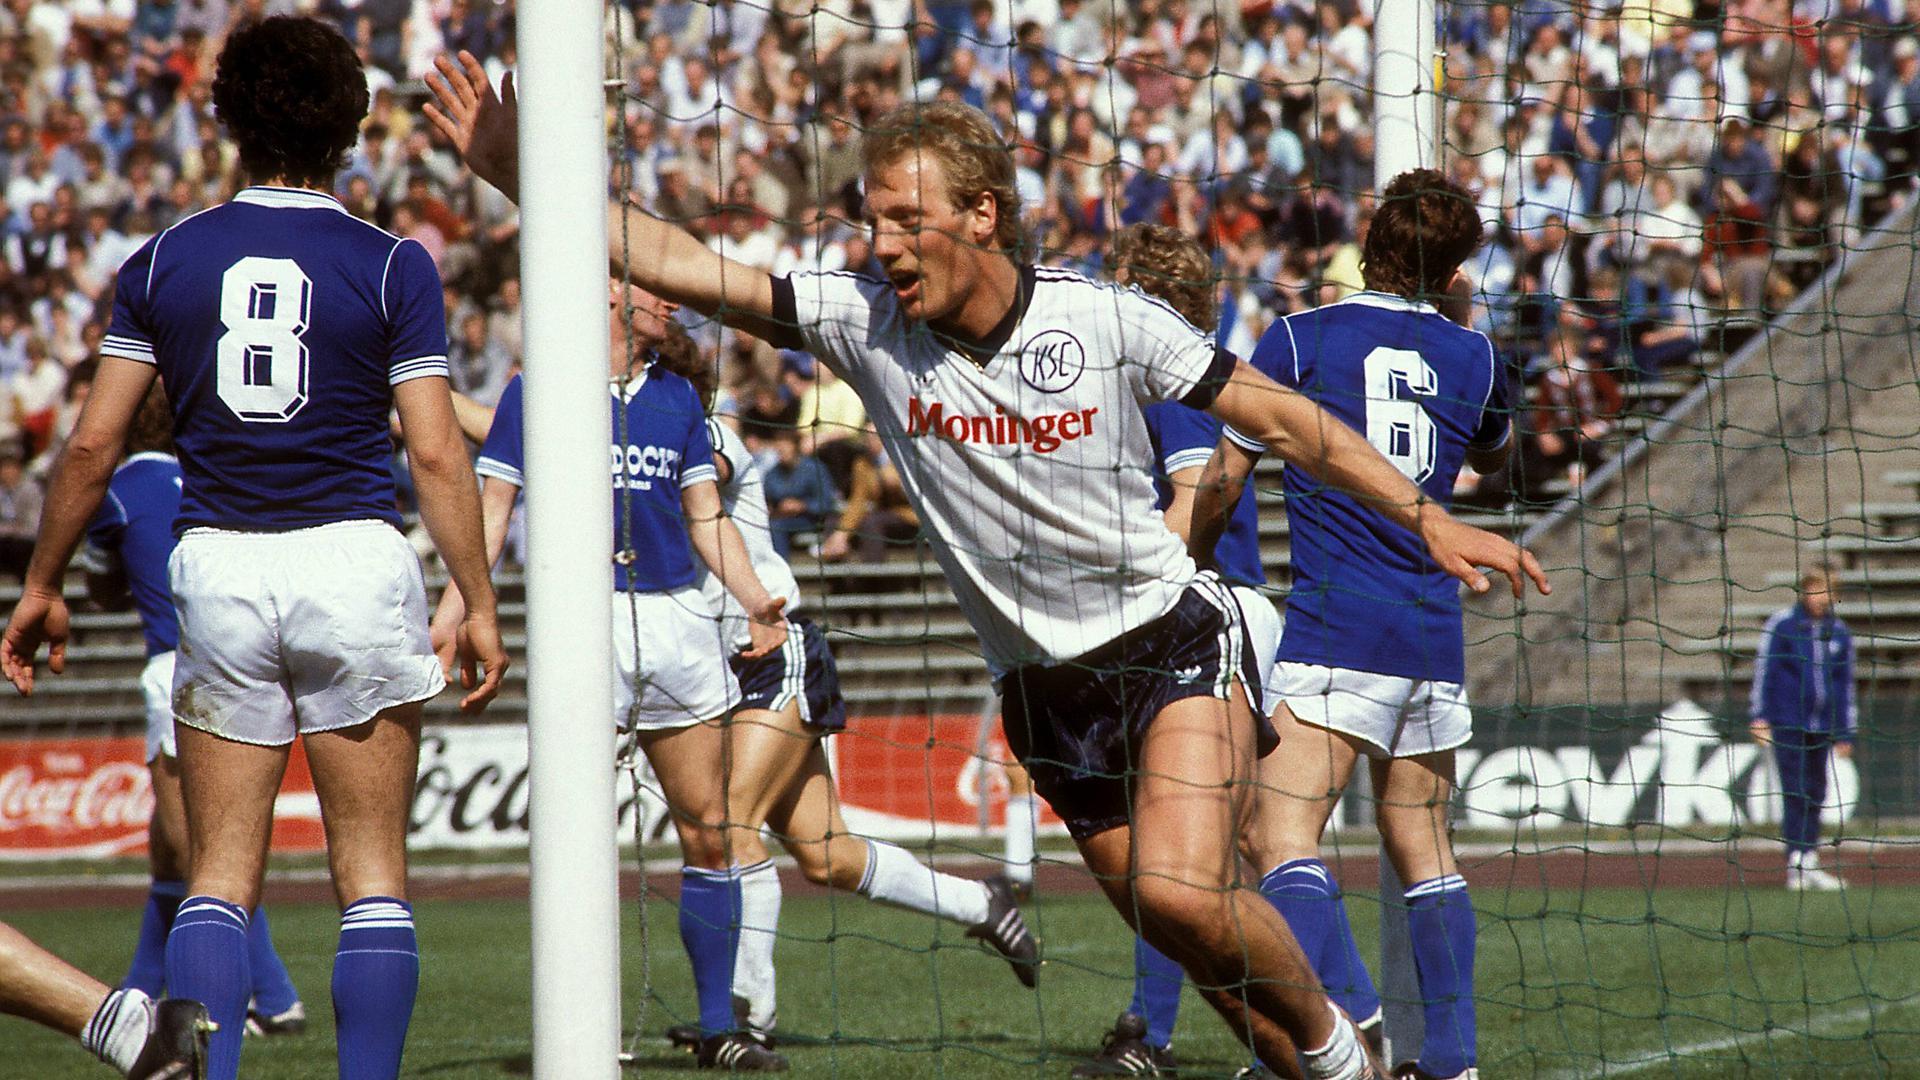 Jubelmomente in der Bundesliga: Der KSC-Stürmer Michael Künast erzielt am 28. April 1984 beim 3:3 der Karlsruher beim FC Schalke 04 zwei Treffer.